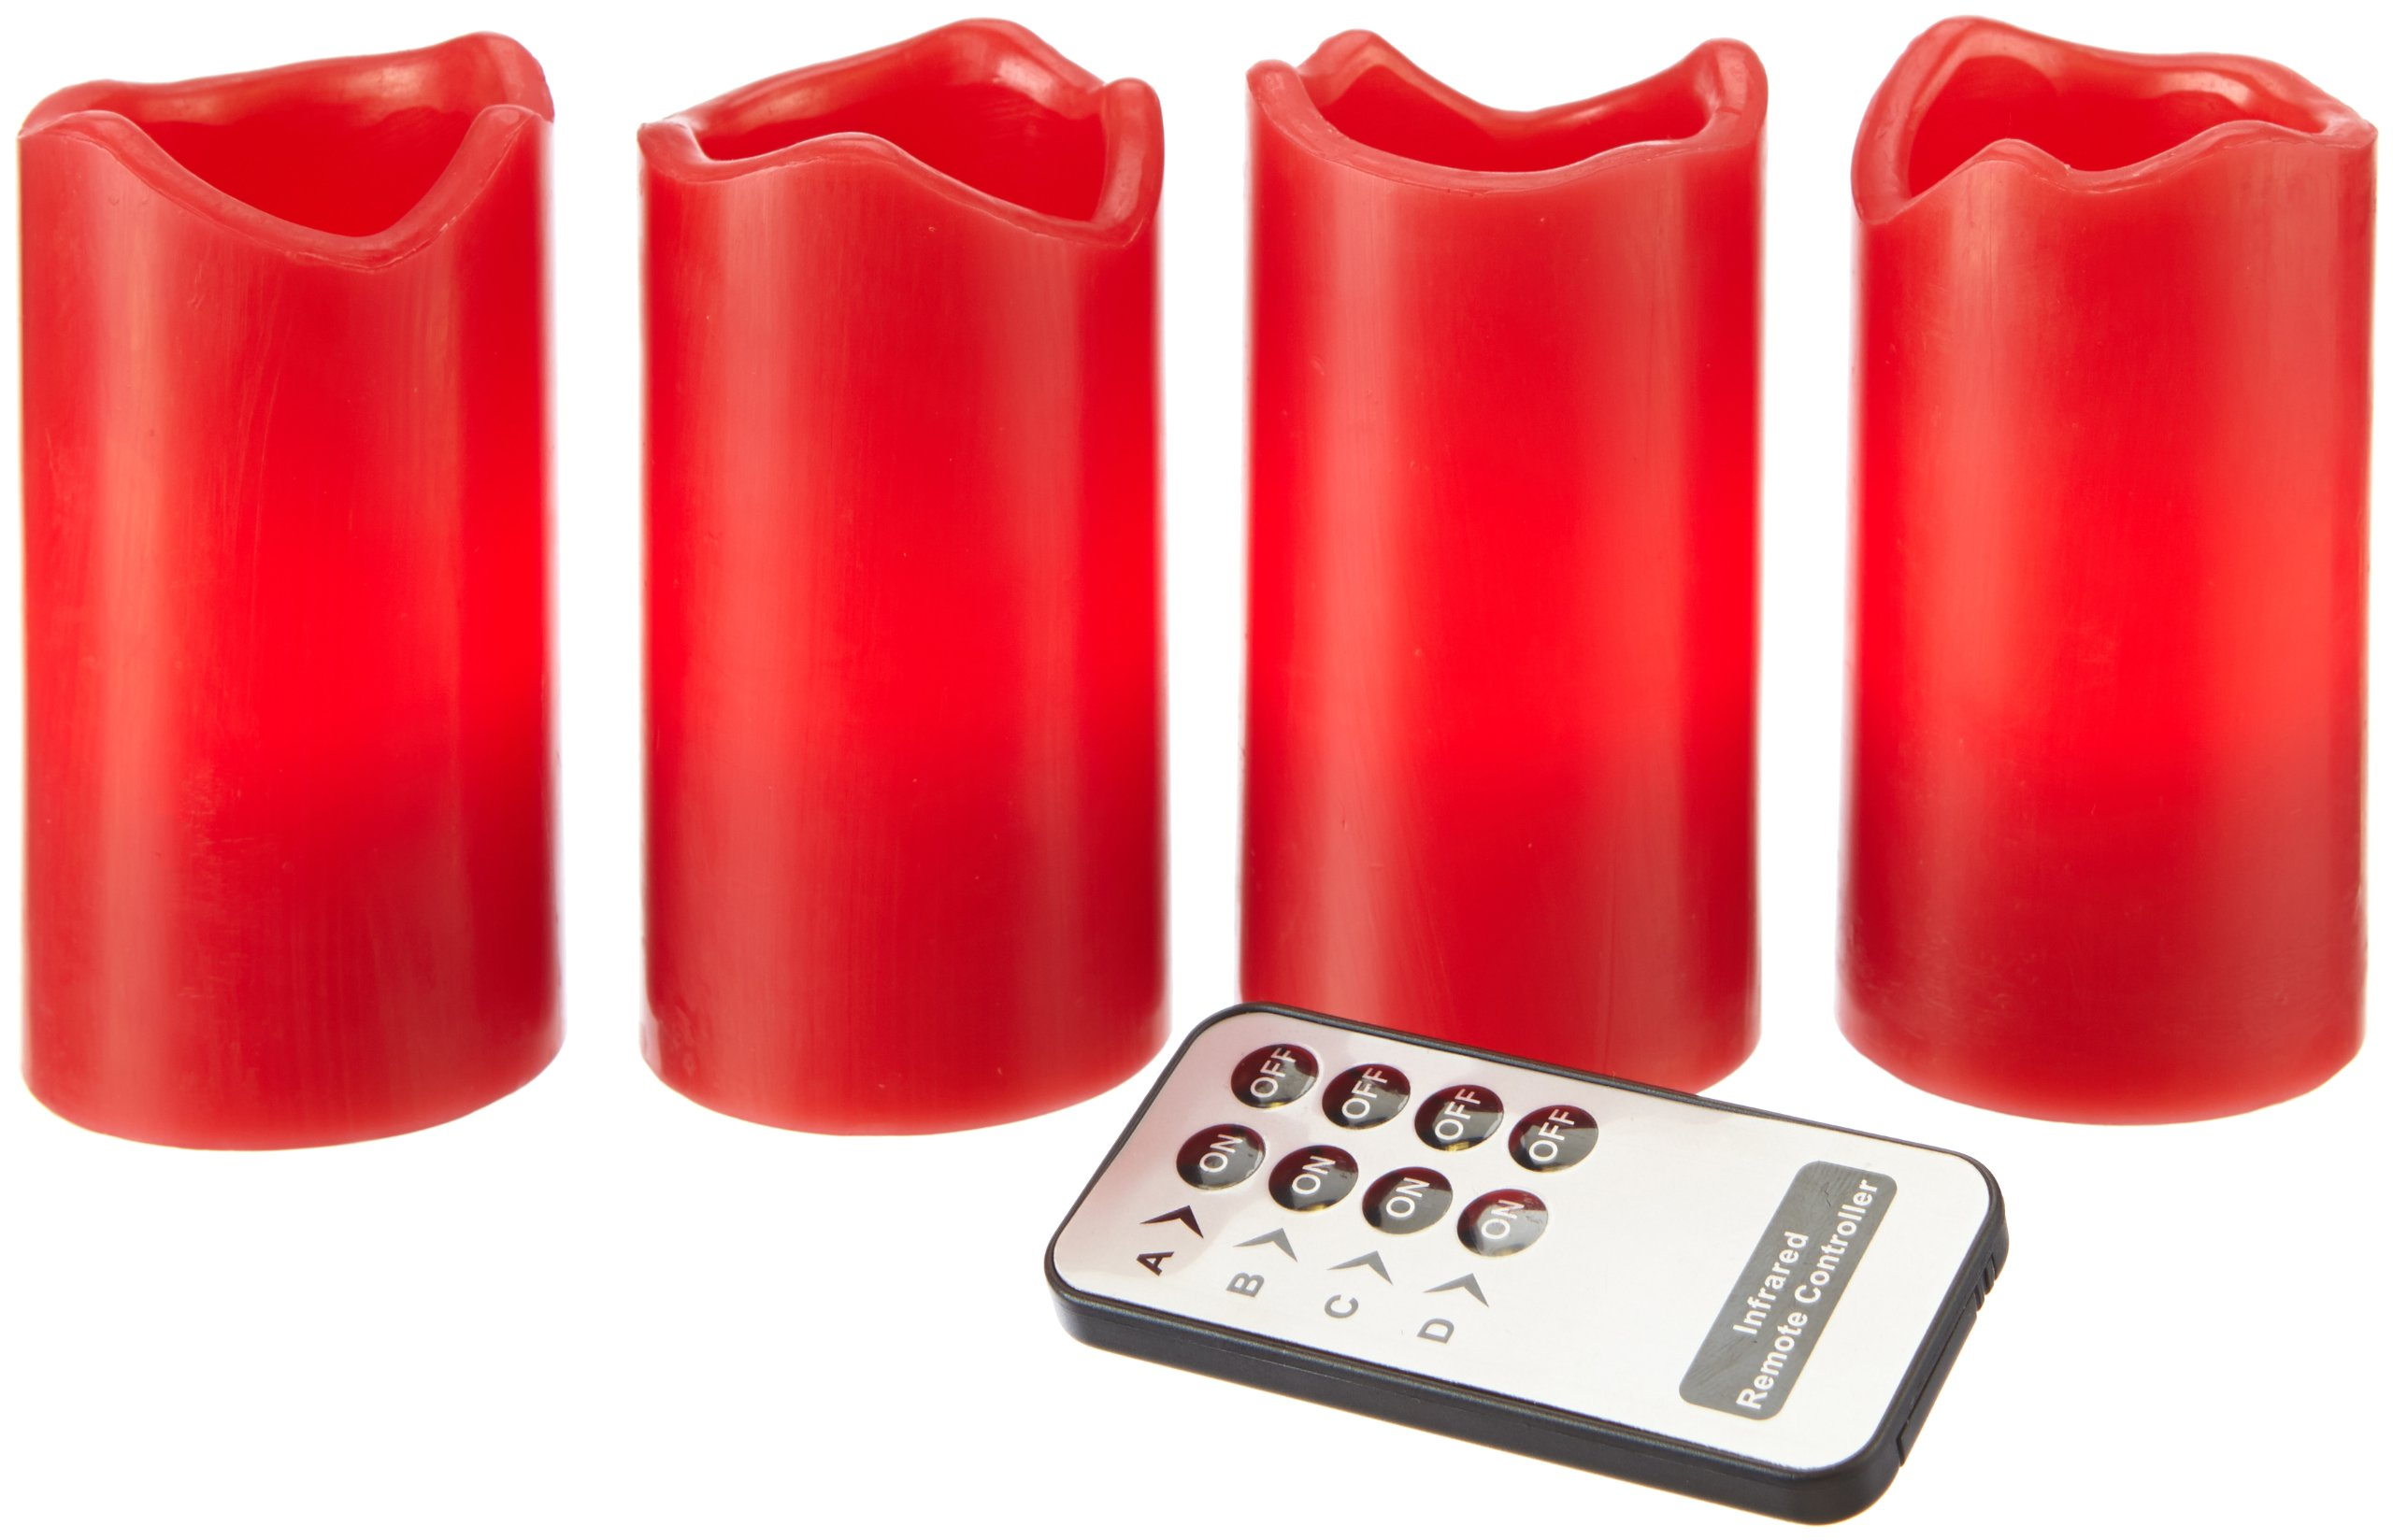 Best-Season-4-er-LED-Wachskerzenset-mit-FernbedienungKerzen-einzeln-schaltbar-10-x-55cm-inklusiv-Batterien-Sichtkartonrot-067-12